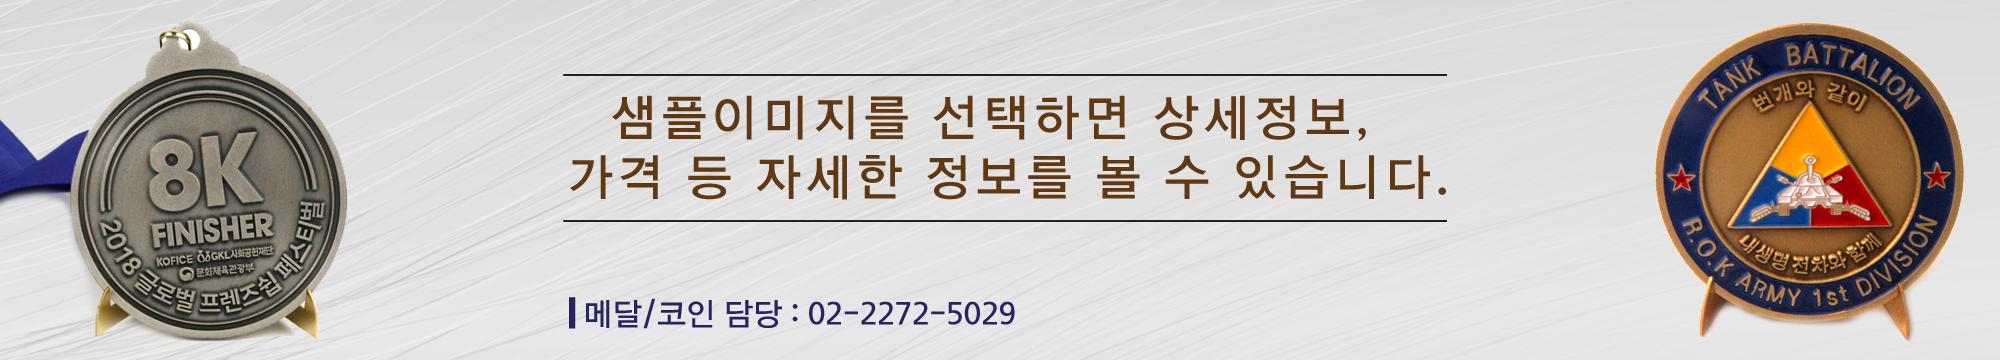 e1cd23737c86b267708a9baa34915e5e_1581493187_6689.jpg